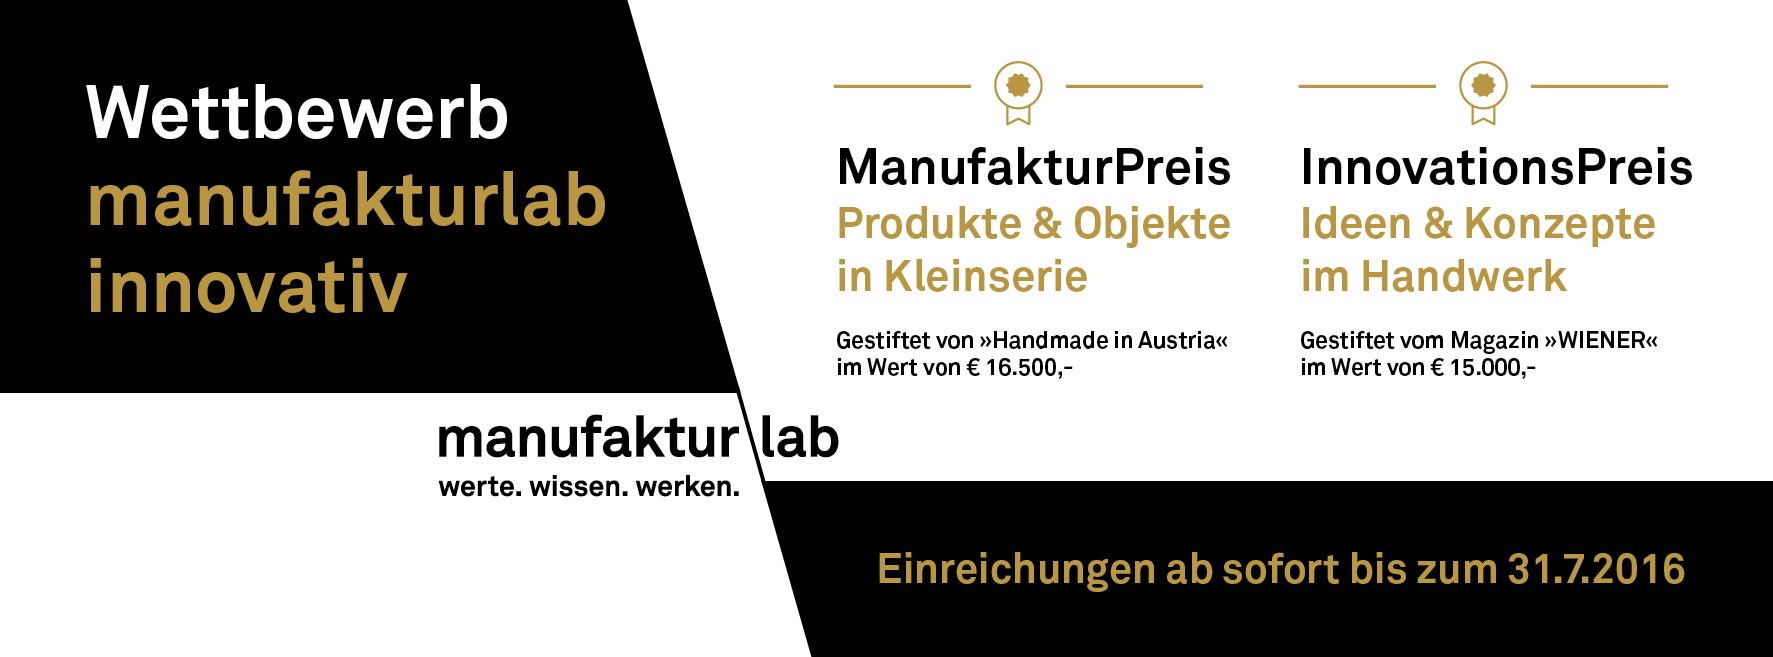 https://www.kreativwirtschaft.at/wp-content/uploads/2016/06/manufaktorlab.jpg